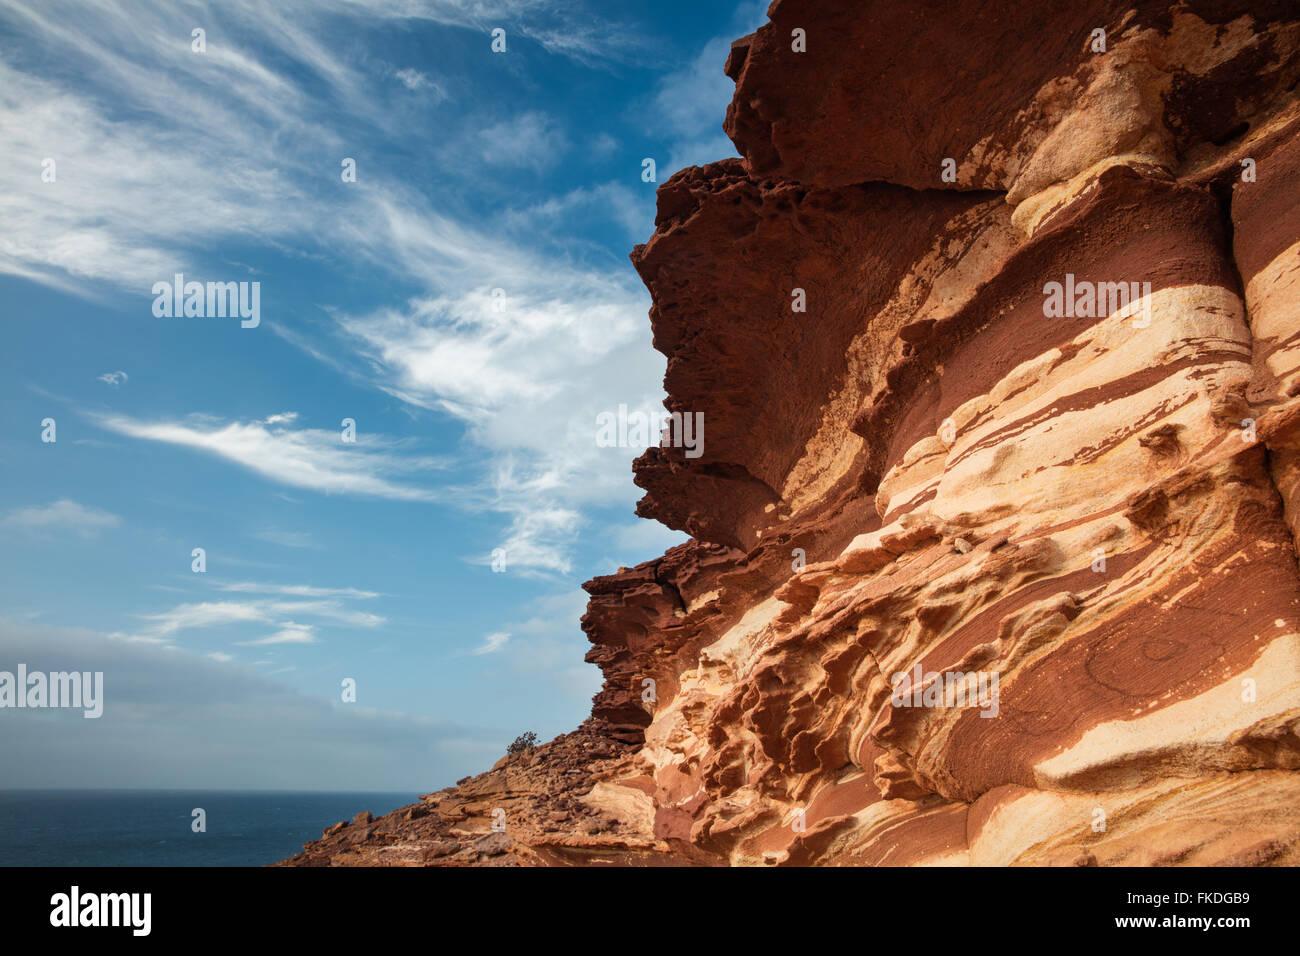 Strati di roccia sulla costa a Kalbarri National Park, Australia occidentale Immagini Stock